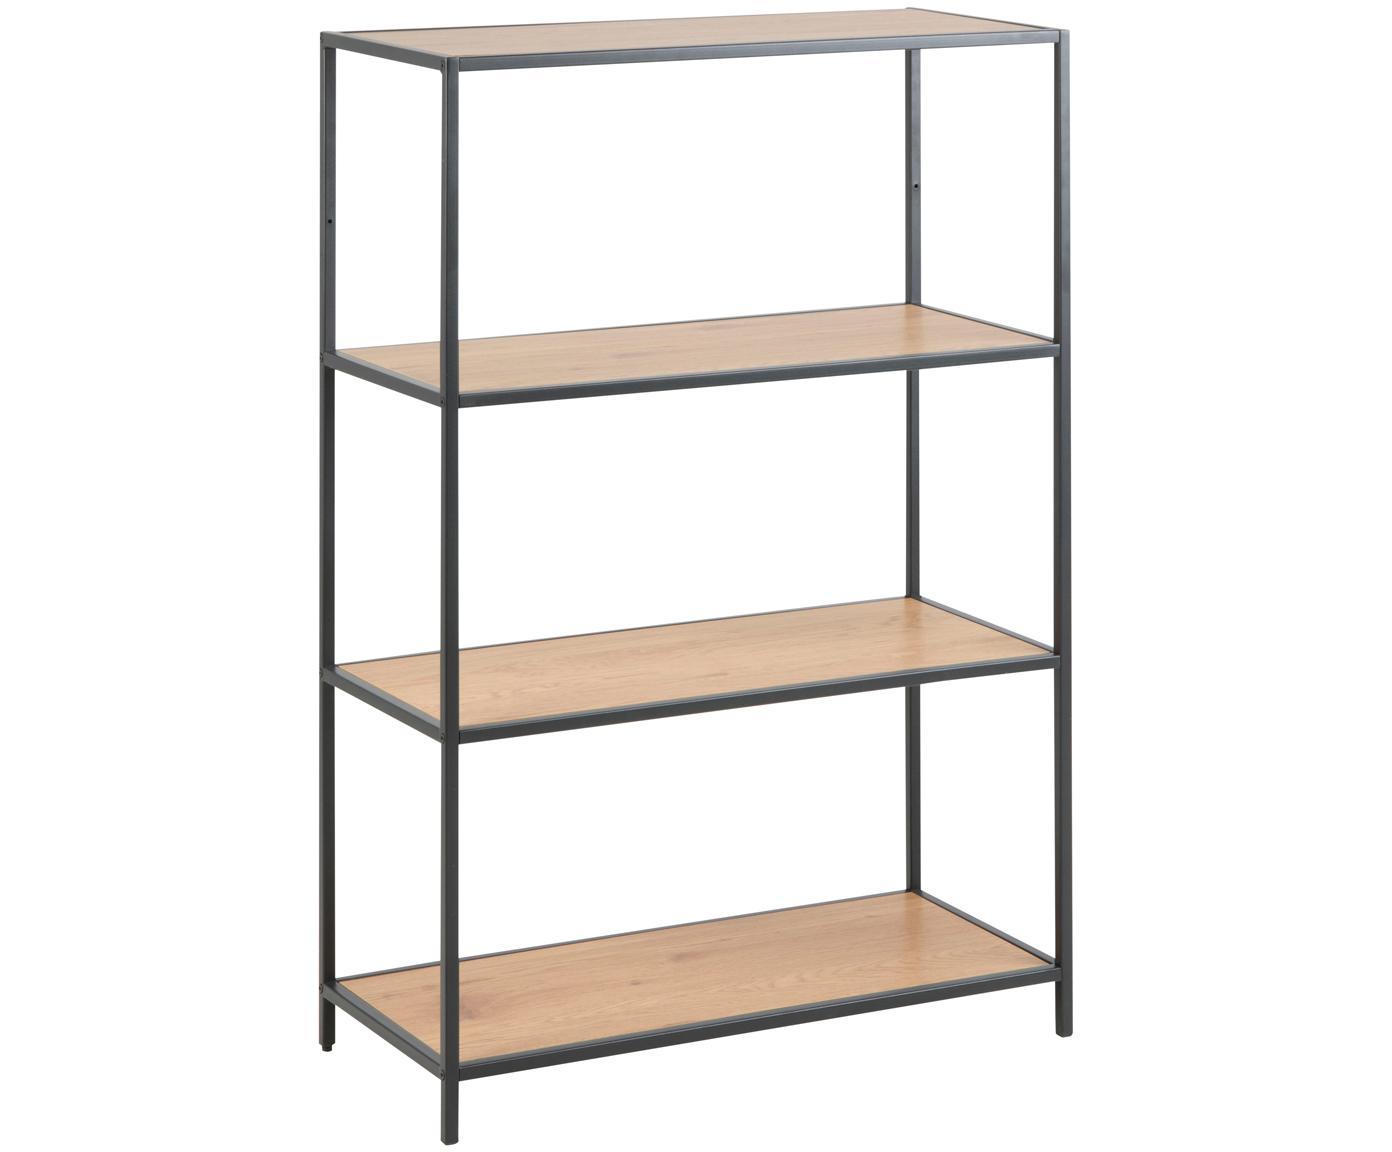 Wandrek Seaford van hout en metaal, Frame: gepoedercoat metaal, Planken: eikenhoutkleurig. Frame: zwart, 77 x 114 cm